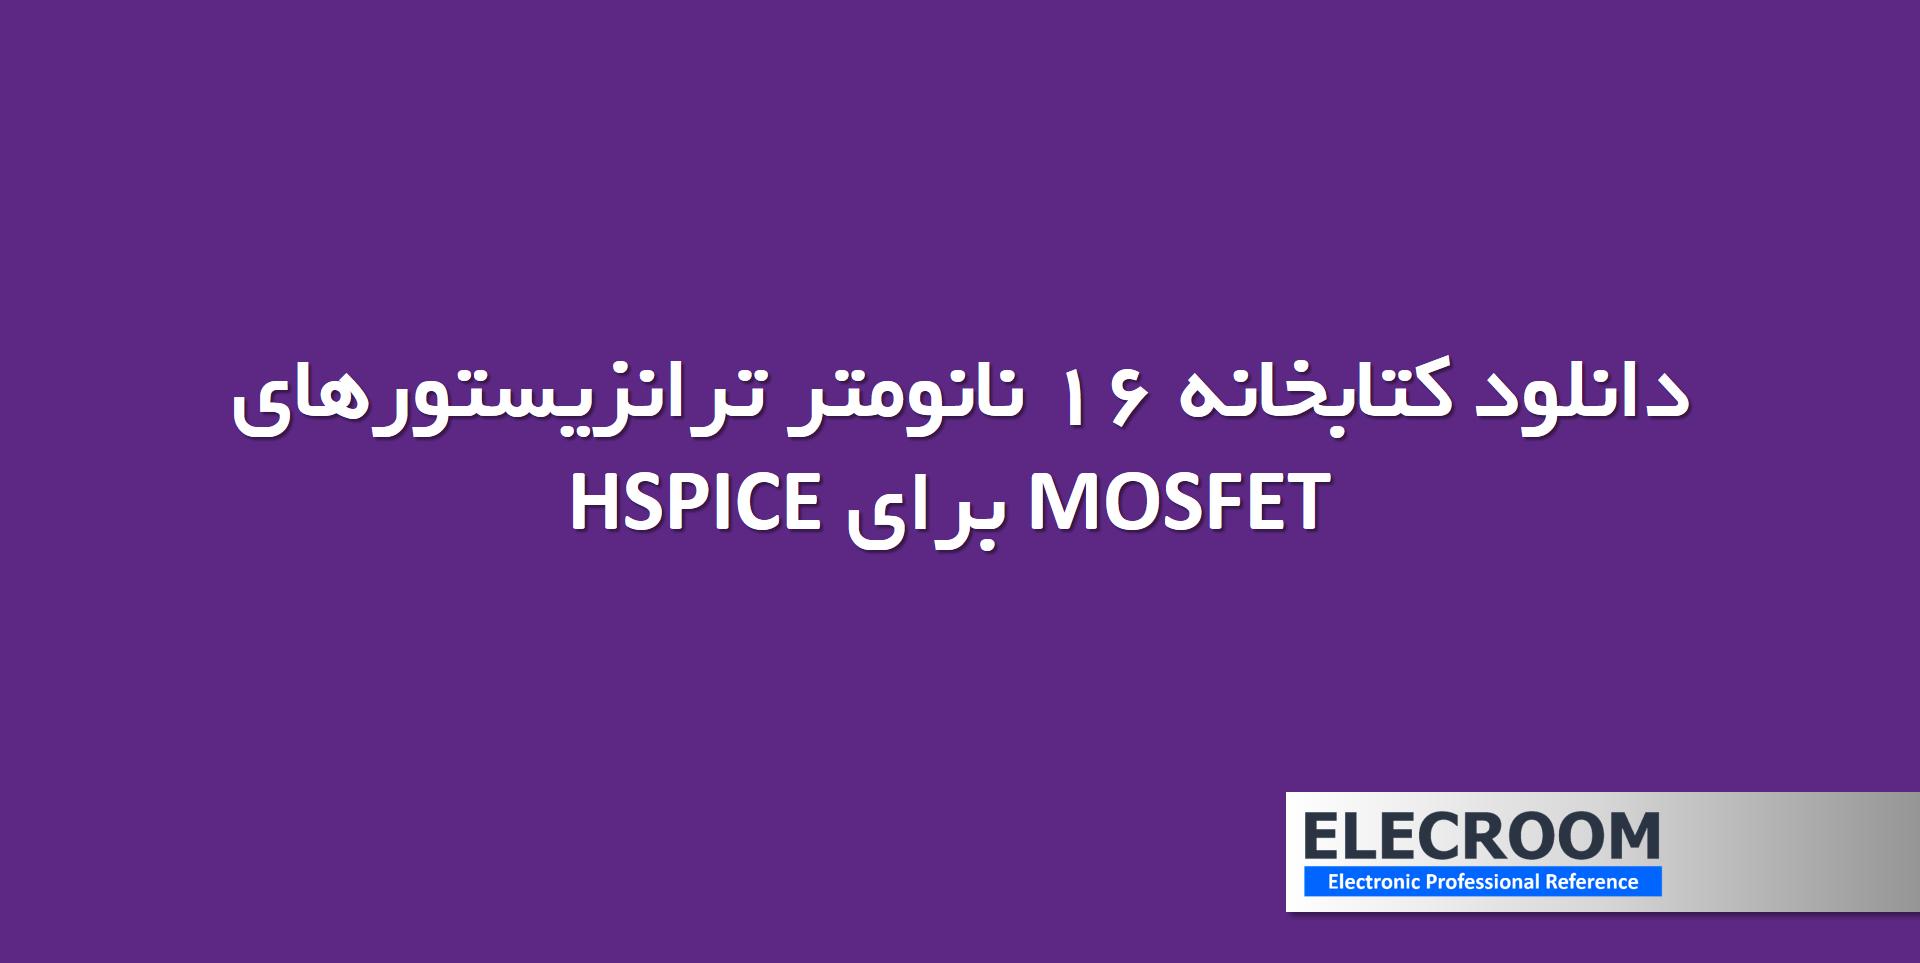 دانلود کتابخانه 16 نانومتر MOSFET برای HSPICE